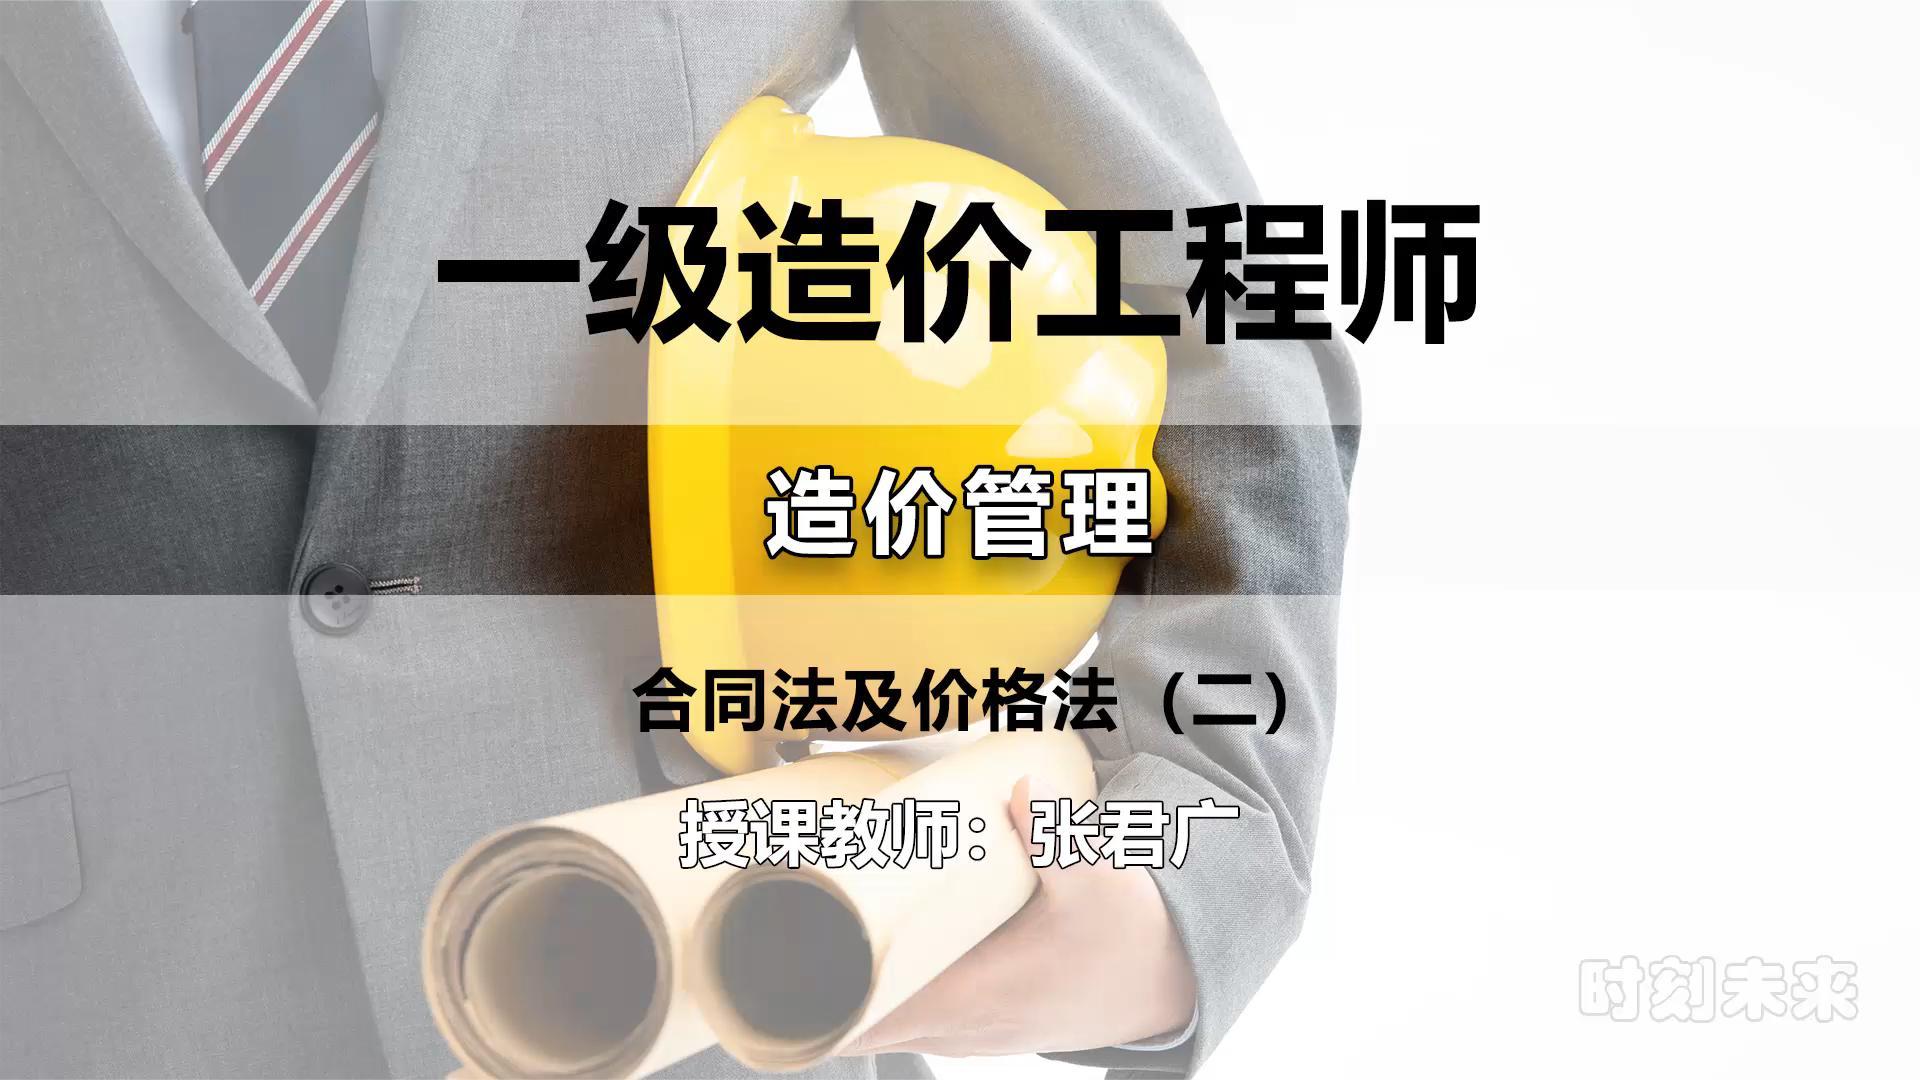 张君广-一级造价师-造价管理-精讲班-第四期